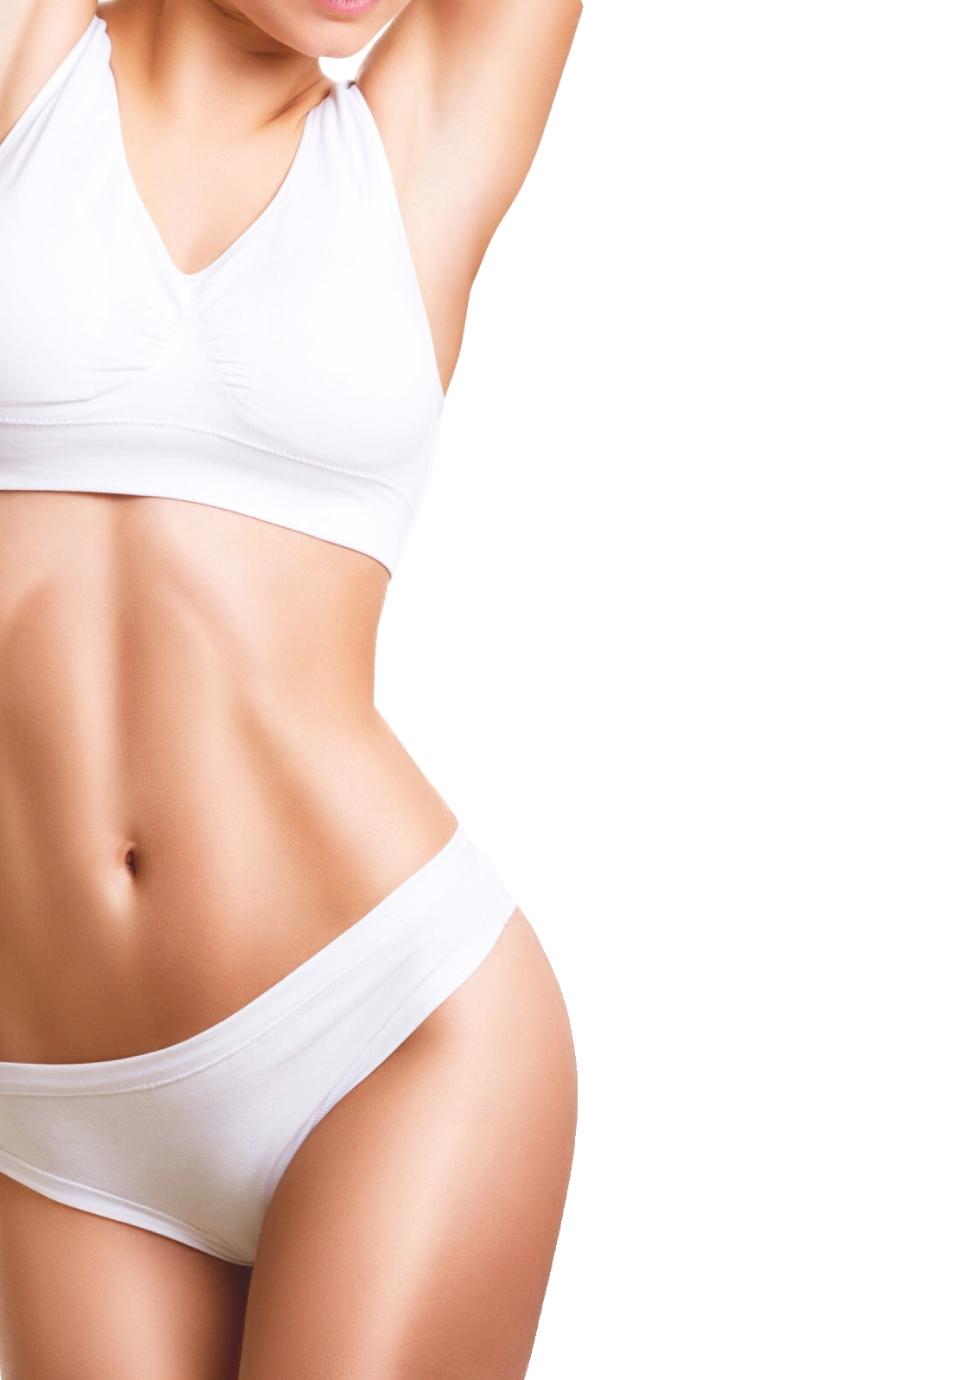 痩身・ダイエットの理想の身体